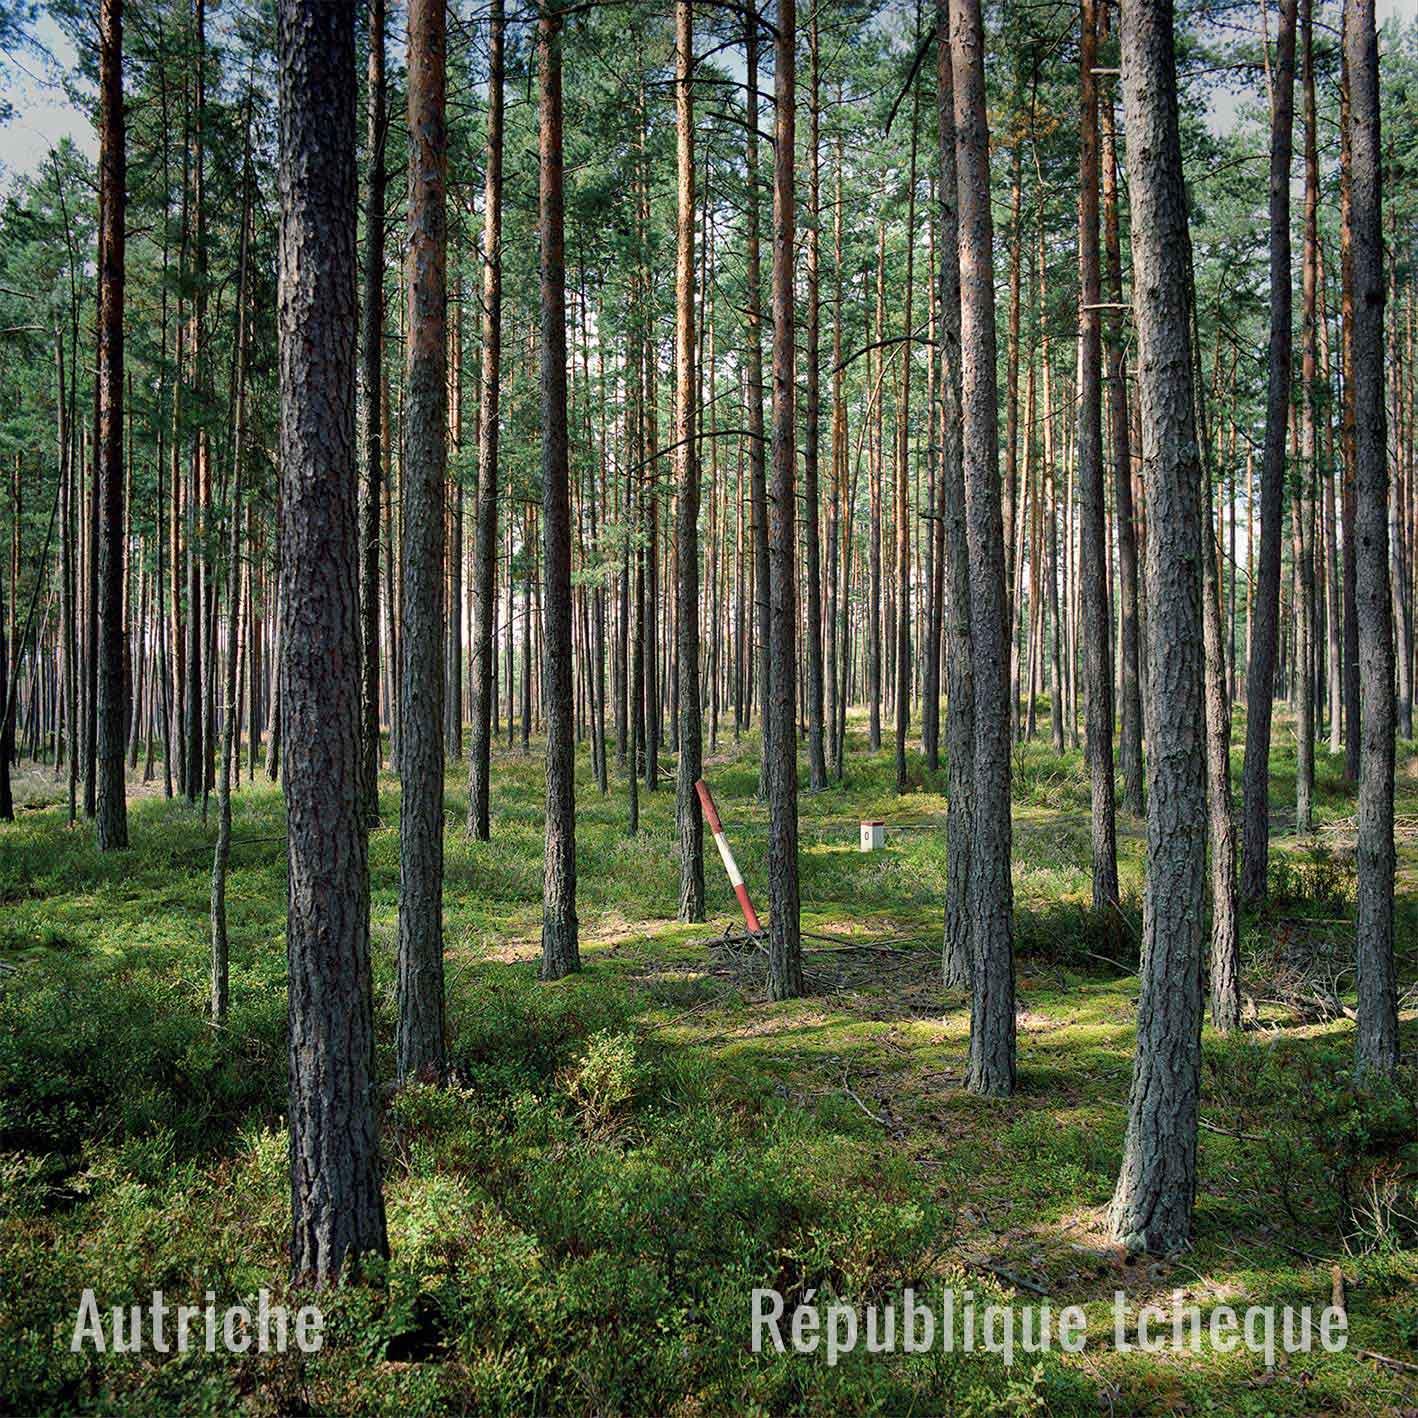 Autriche / République-tchèque